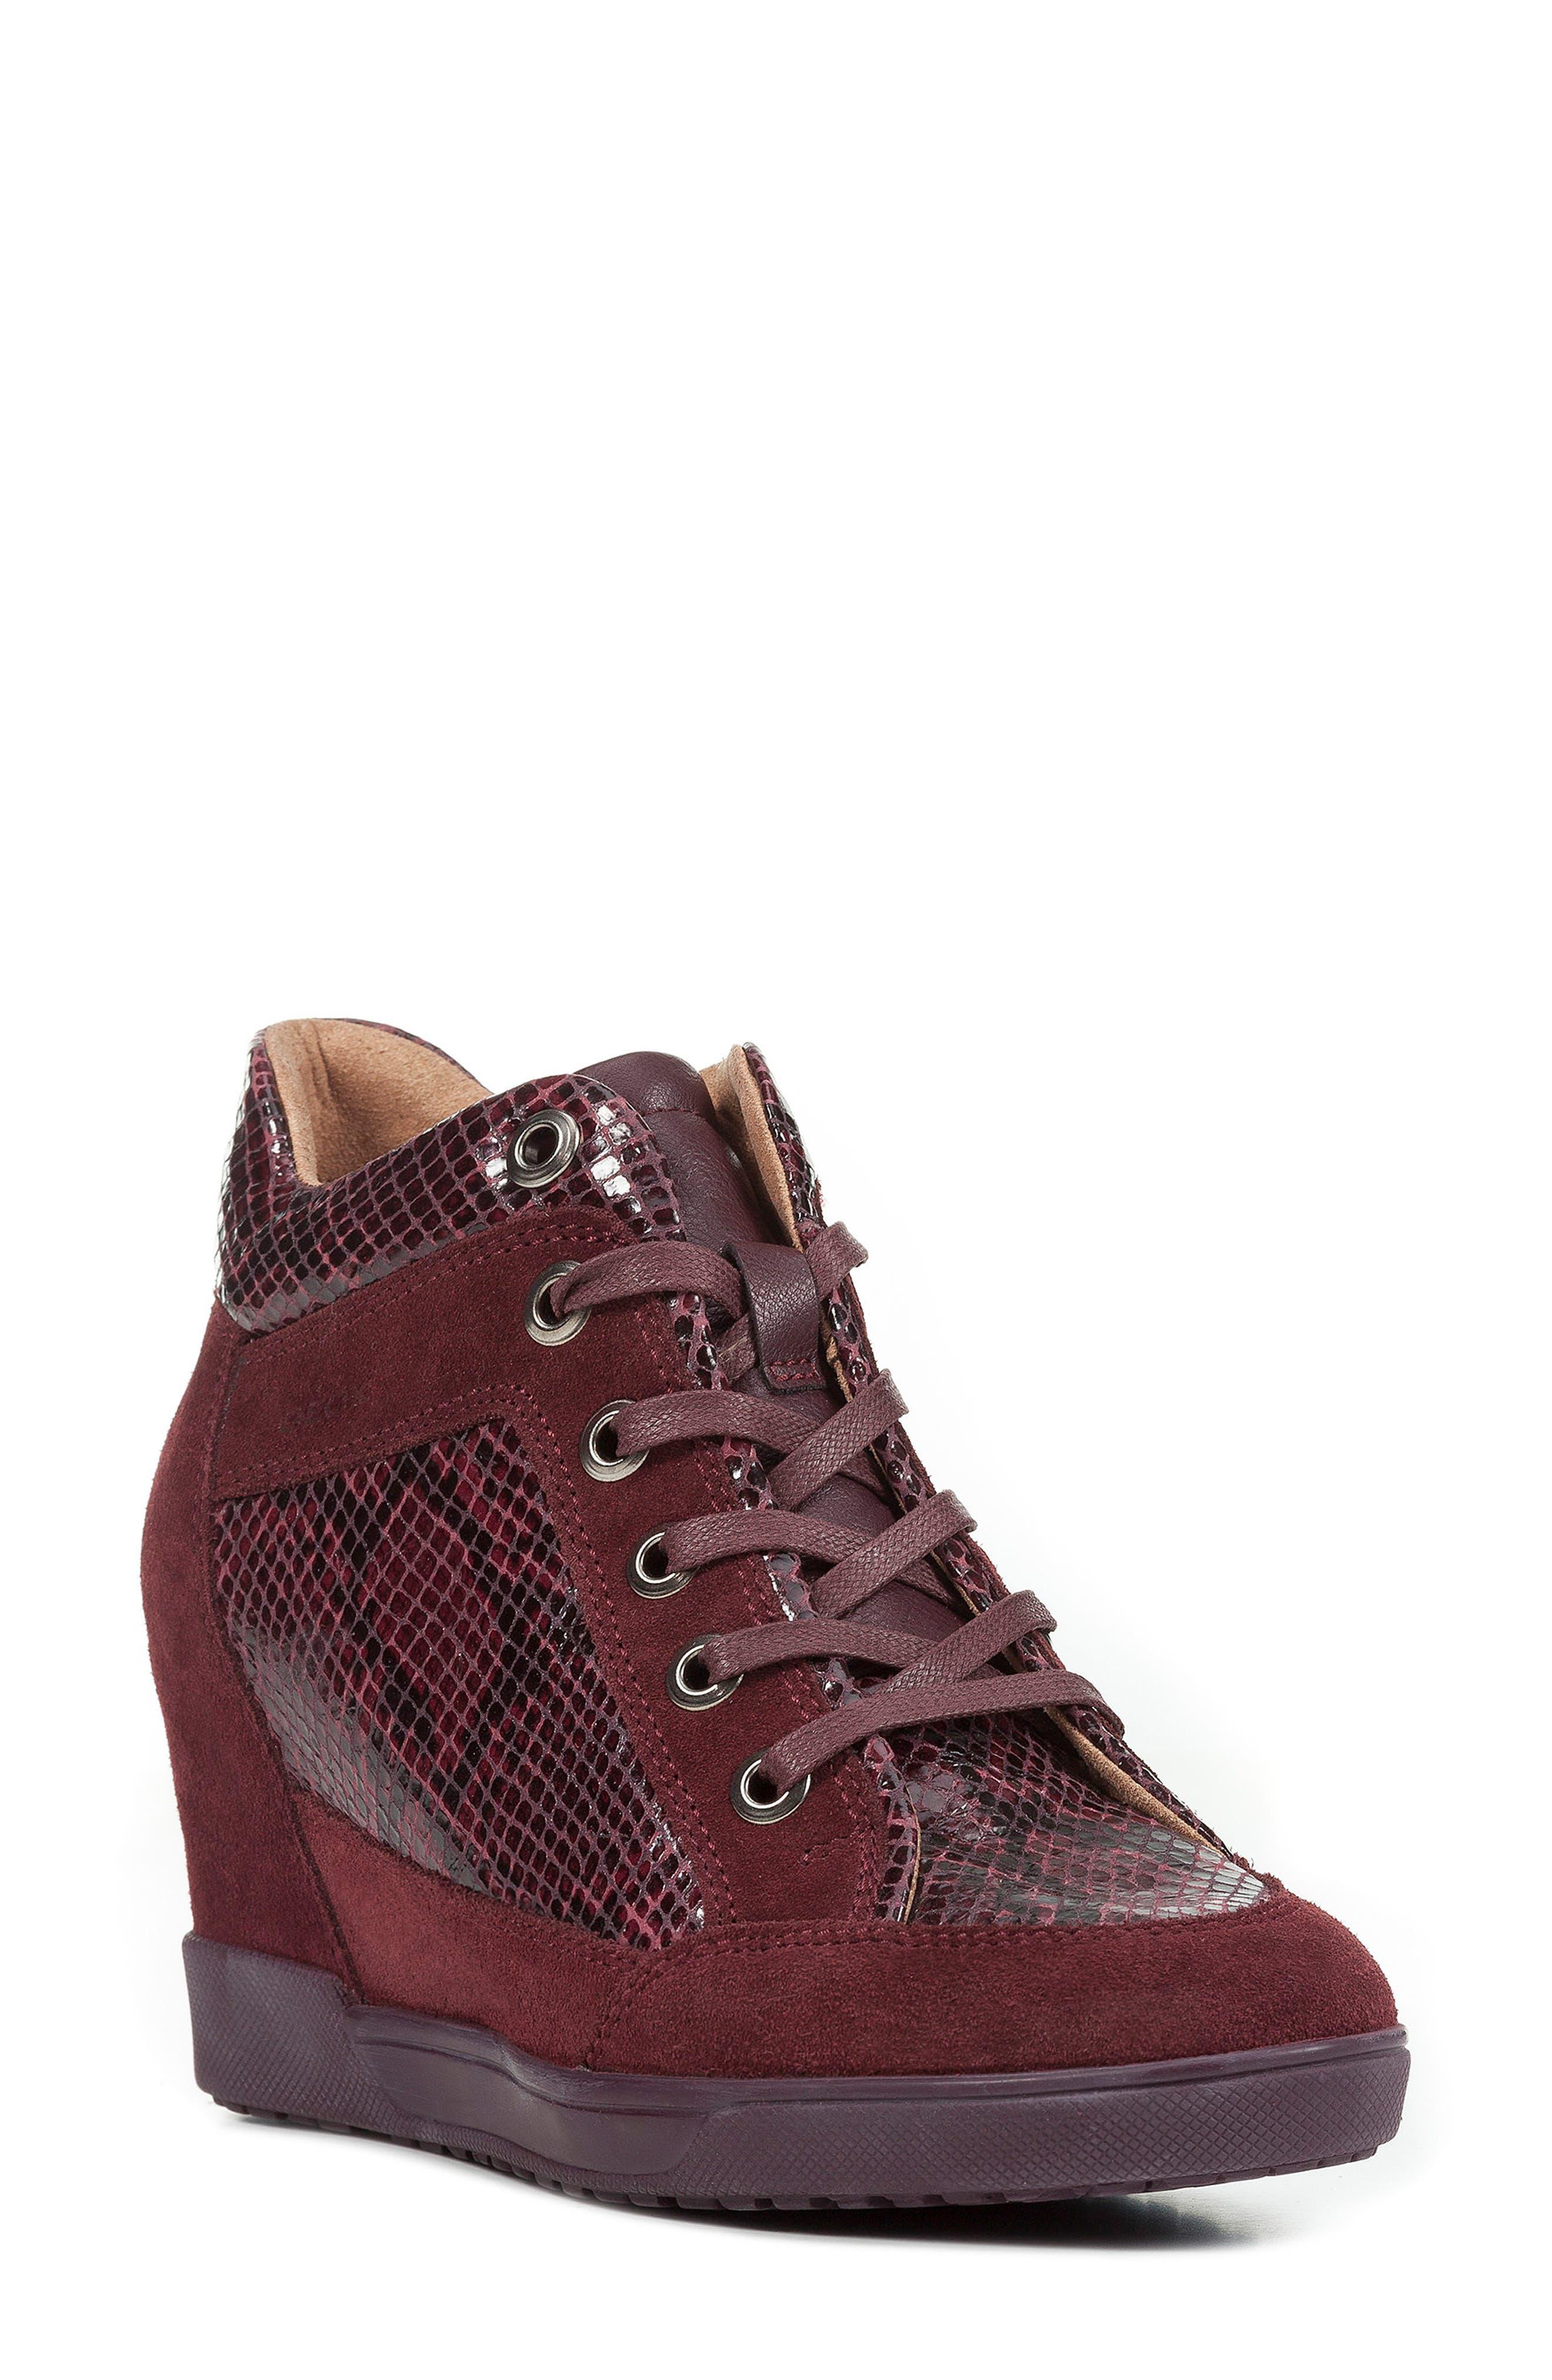 Carum Wedge Sneaker in Dark Burgundy/ Burgundy Suede